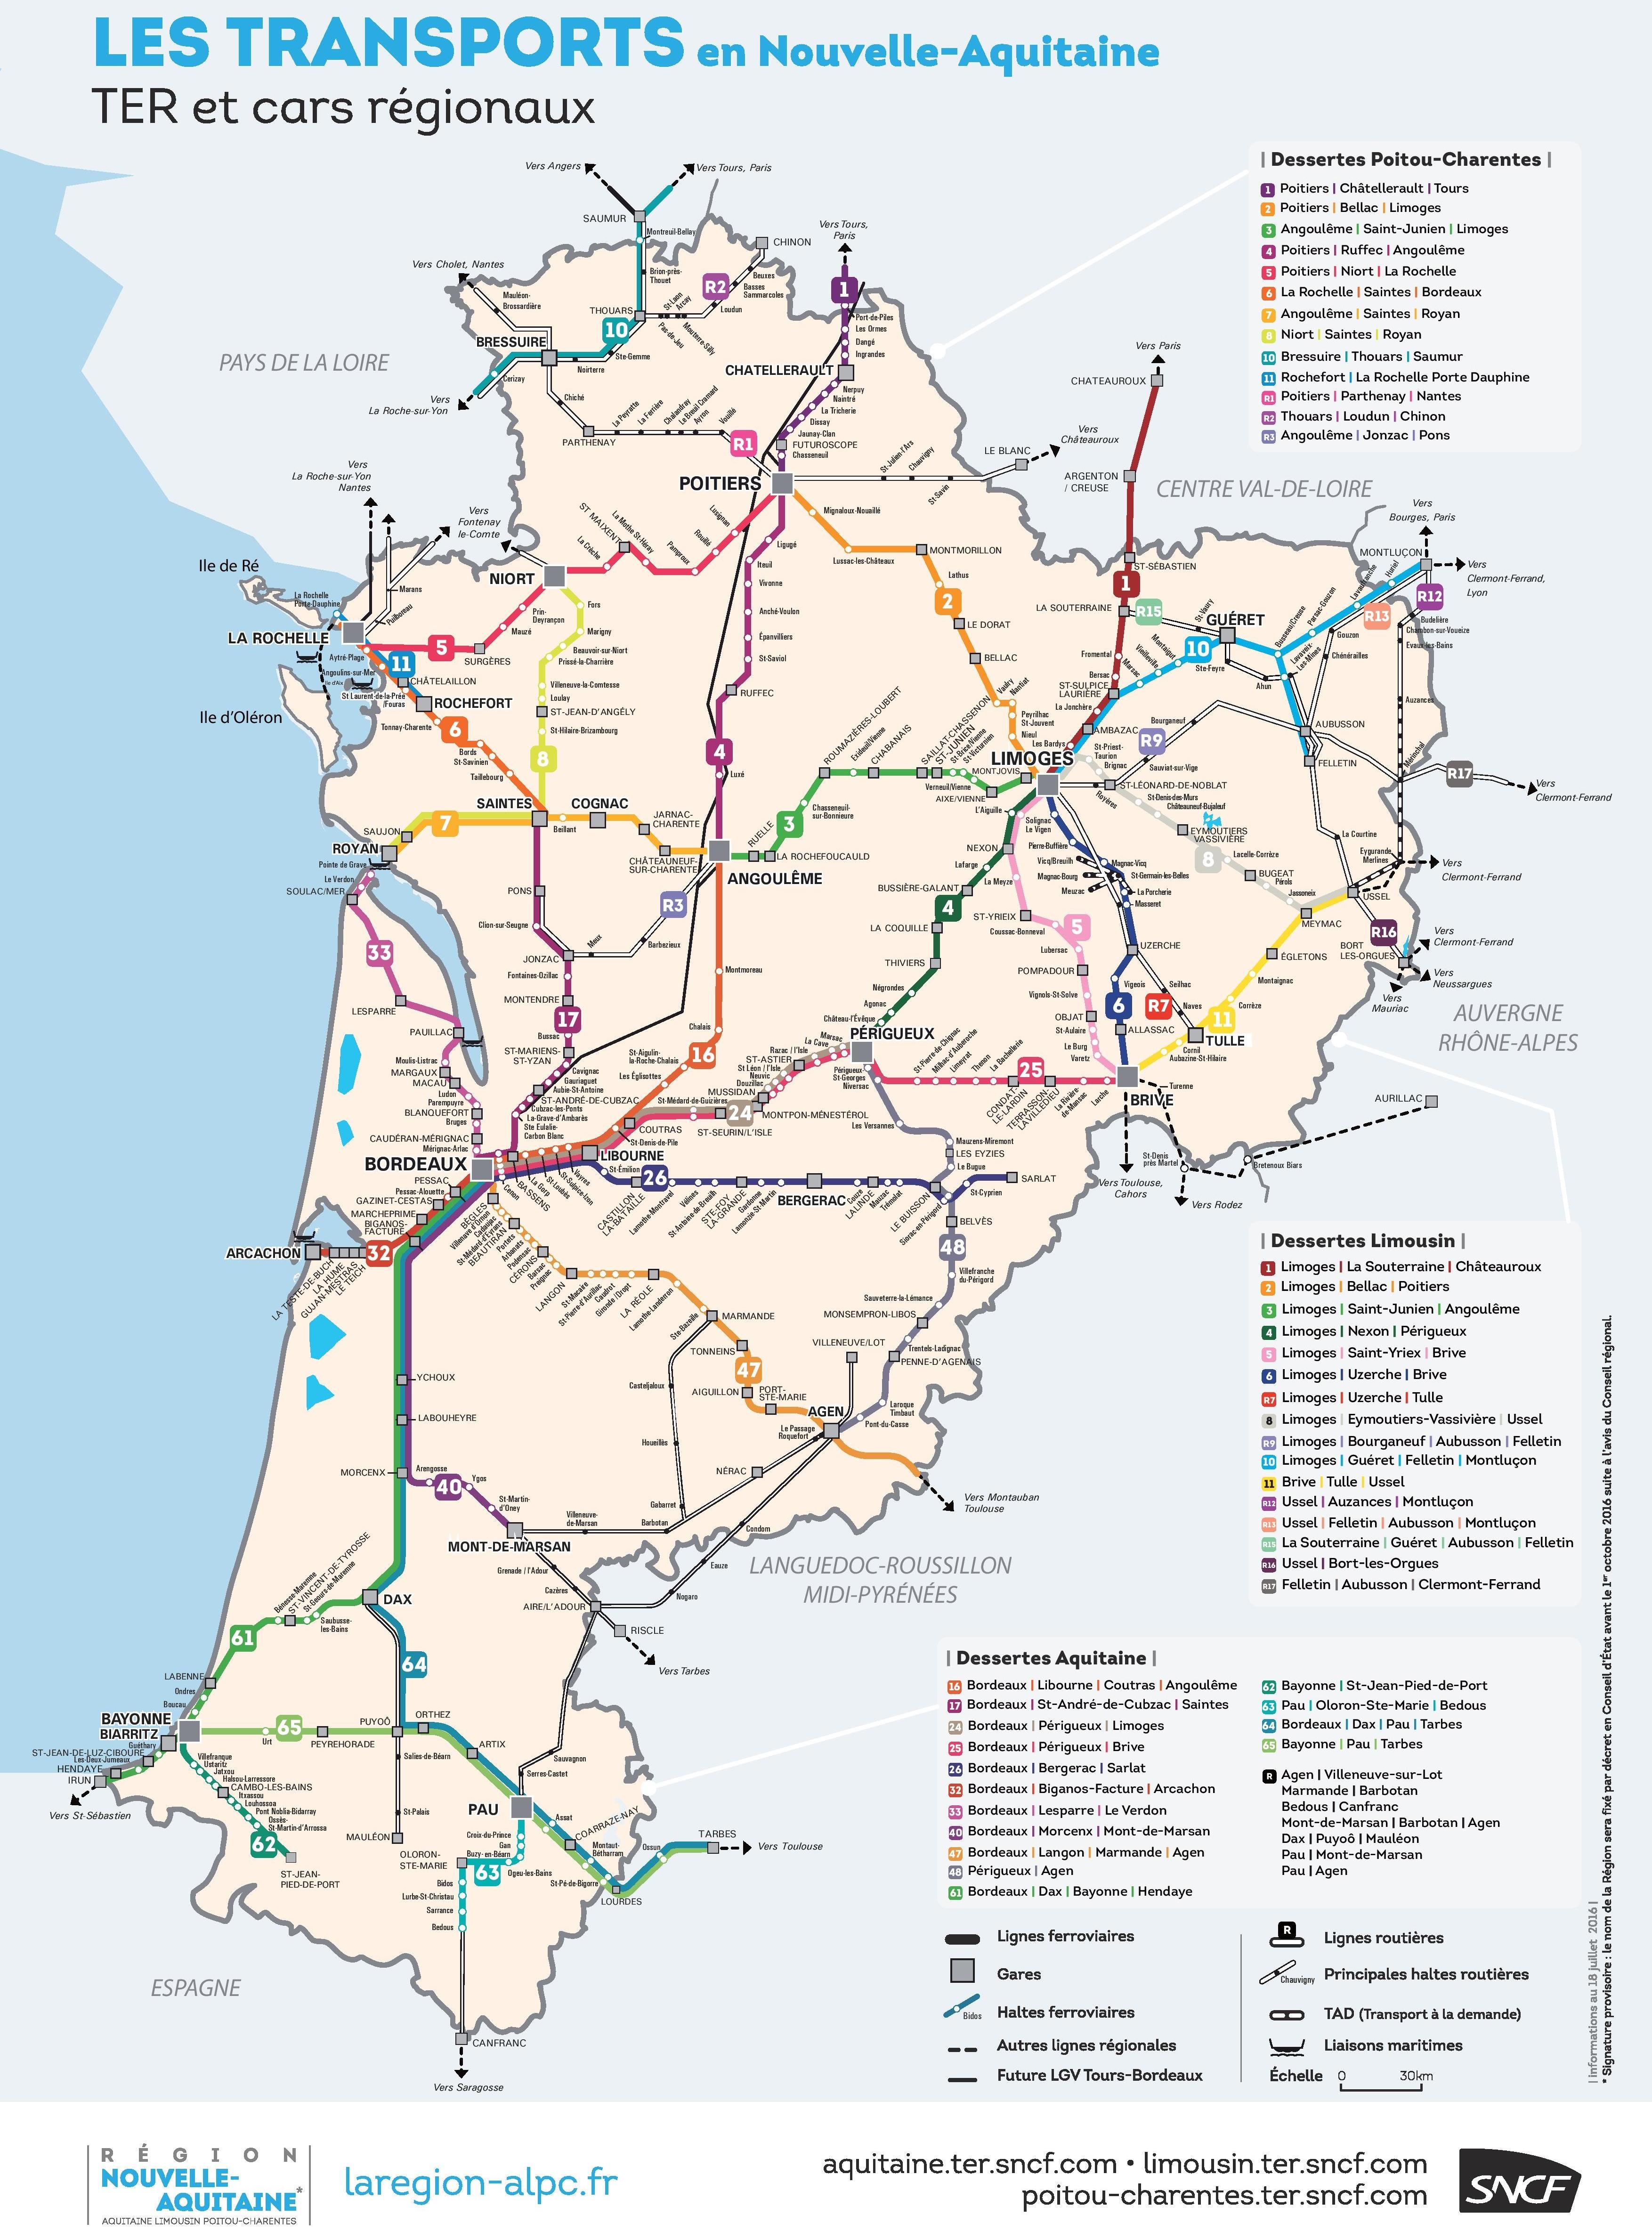 NouvelleAquitaine Maps France Maps of NouvelleAquitaine